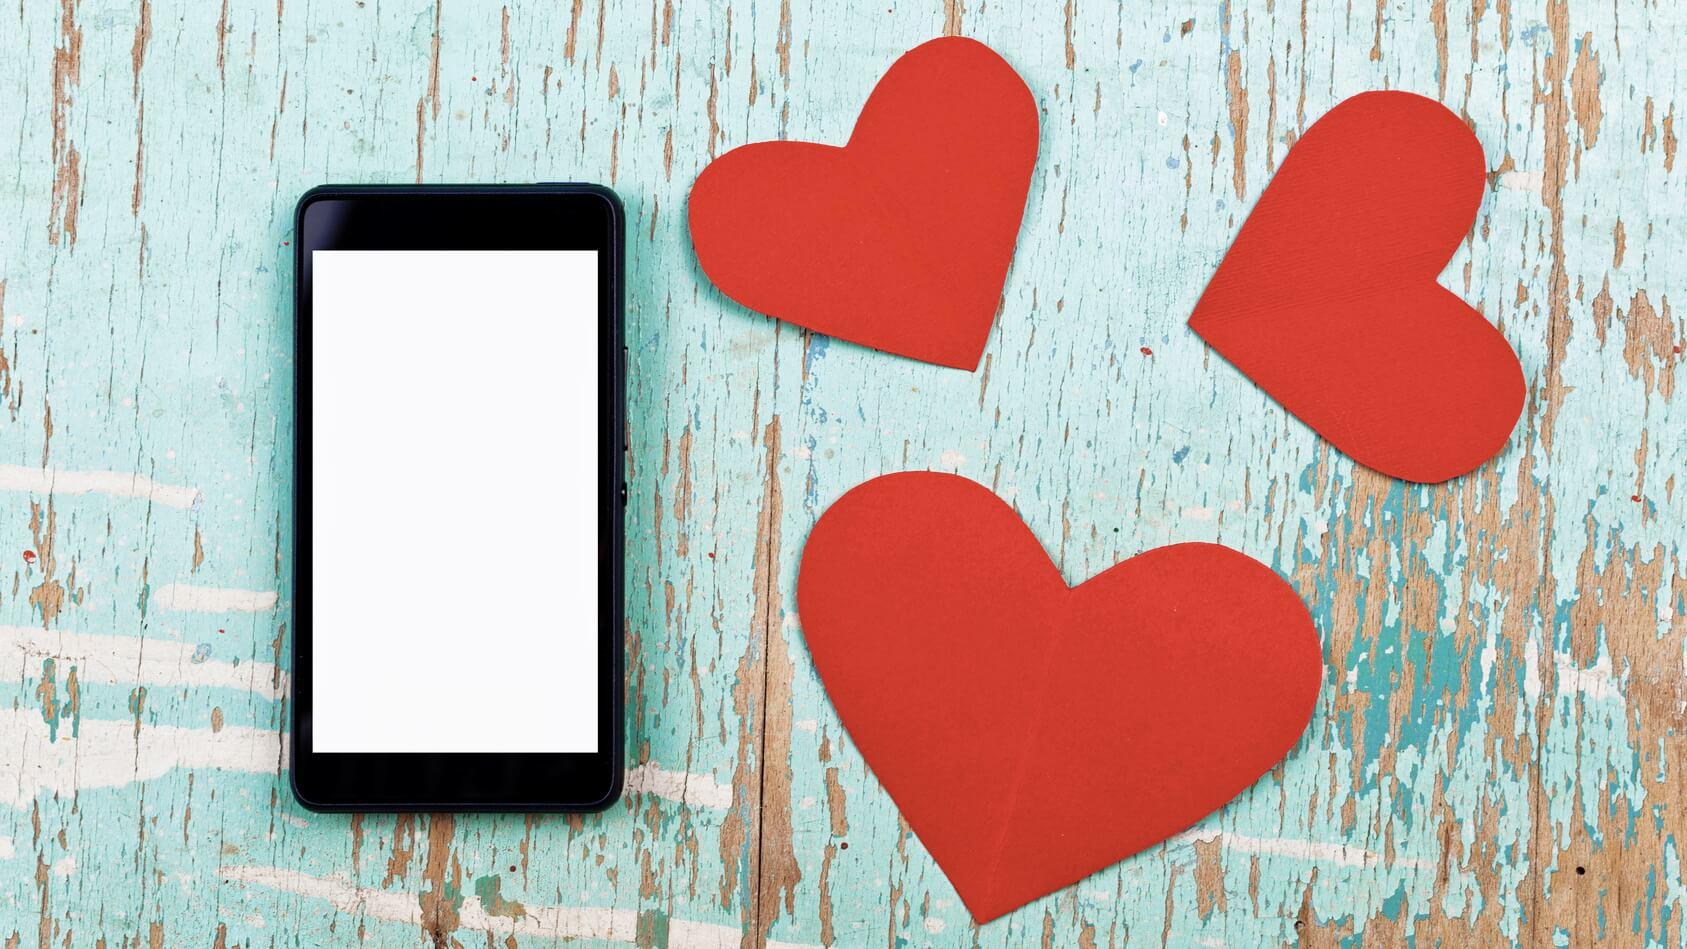 christliche partnervermittlung flirten.de profil vergleich löschen  Waplog: Konto löschen Webseite und App. Waplog: Konto löschen Webseite und App.